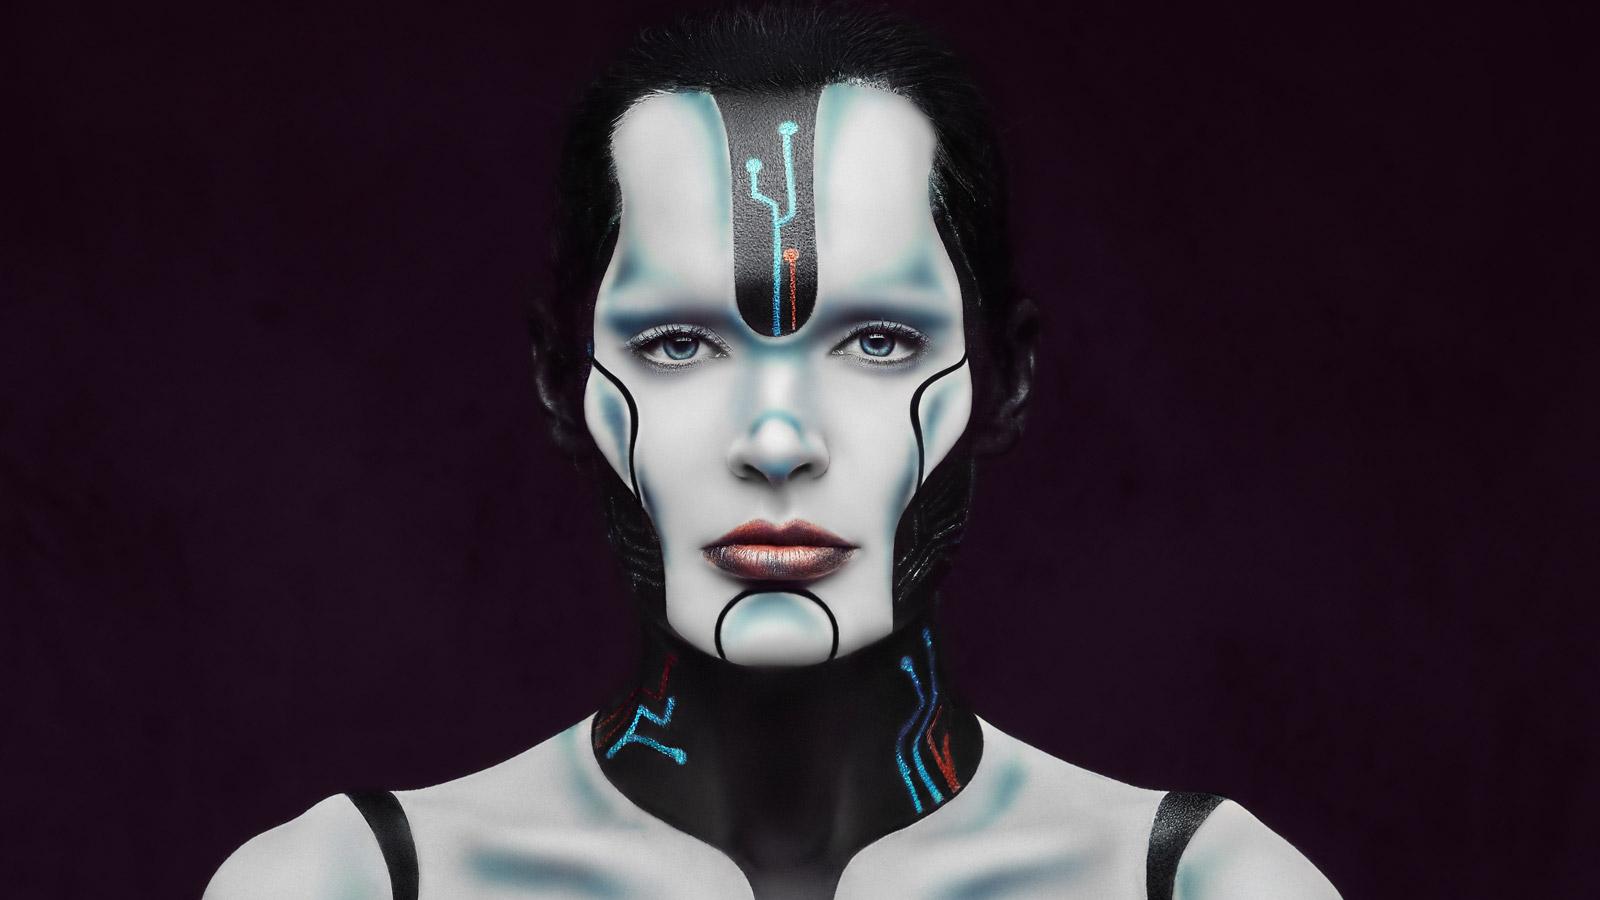 Maszyny zadecydują co założymy jesienią moda mediarun kobieta robot moda maszyna jesien 2020